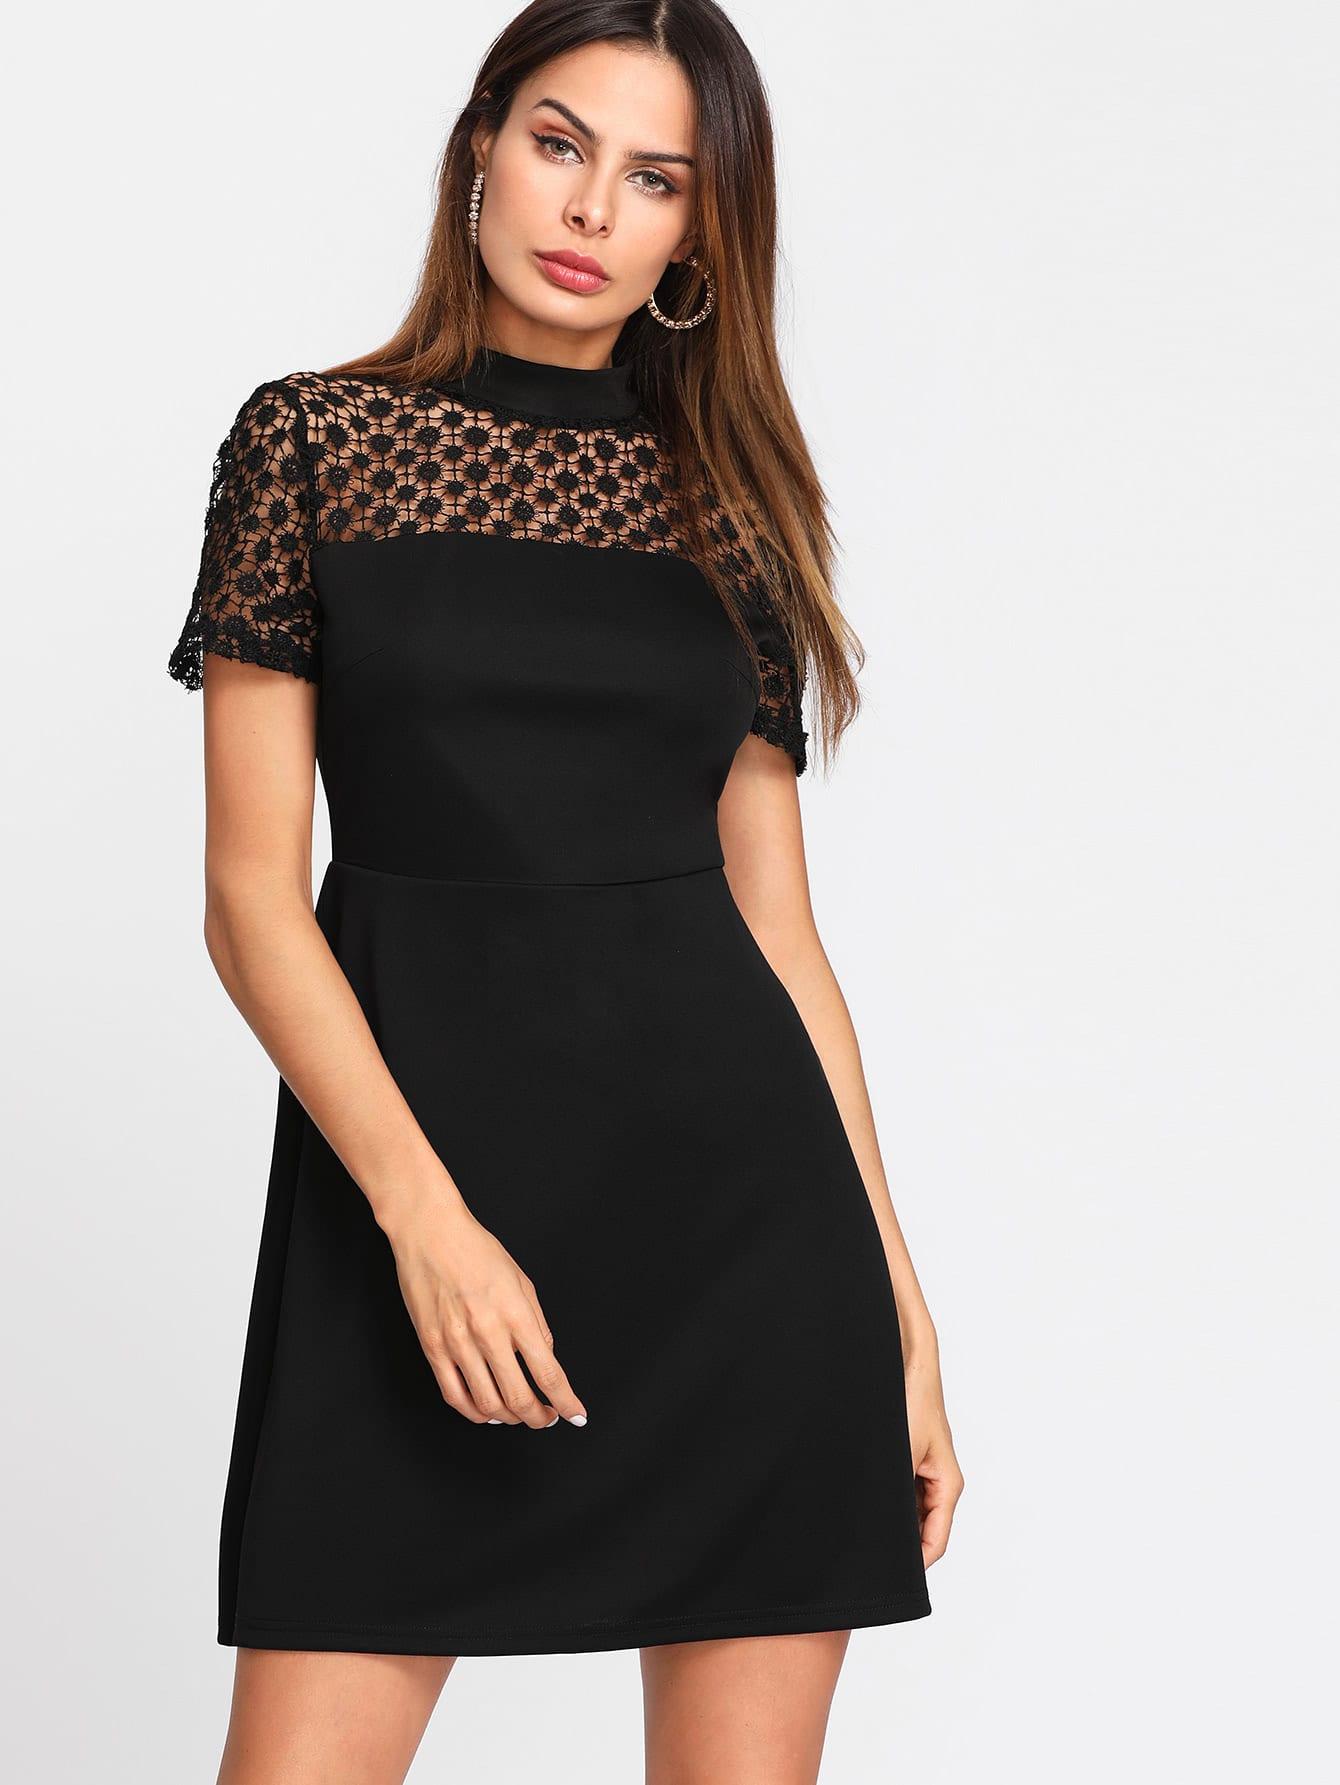 Floral Lace Yoke Dress lace panel yoke sweatshirt